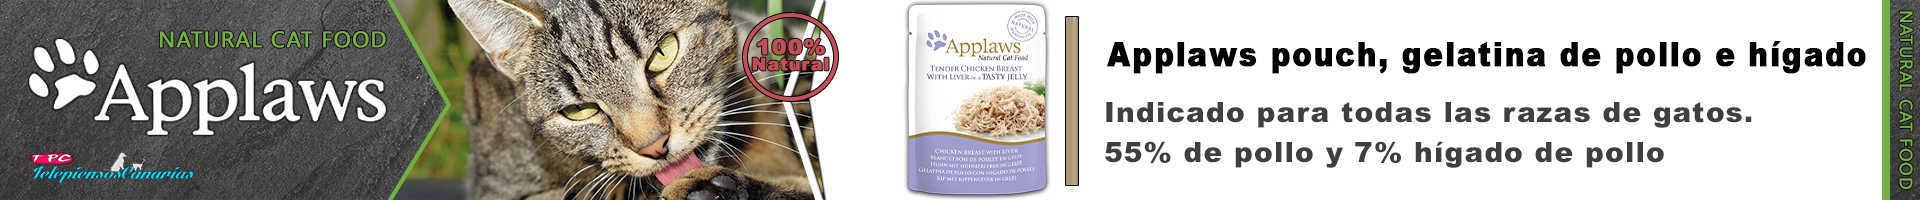 Applaws pouch con gelatina de pollo e hígado